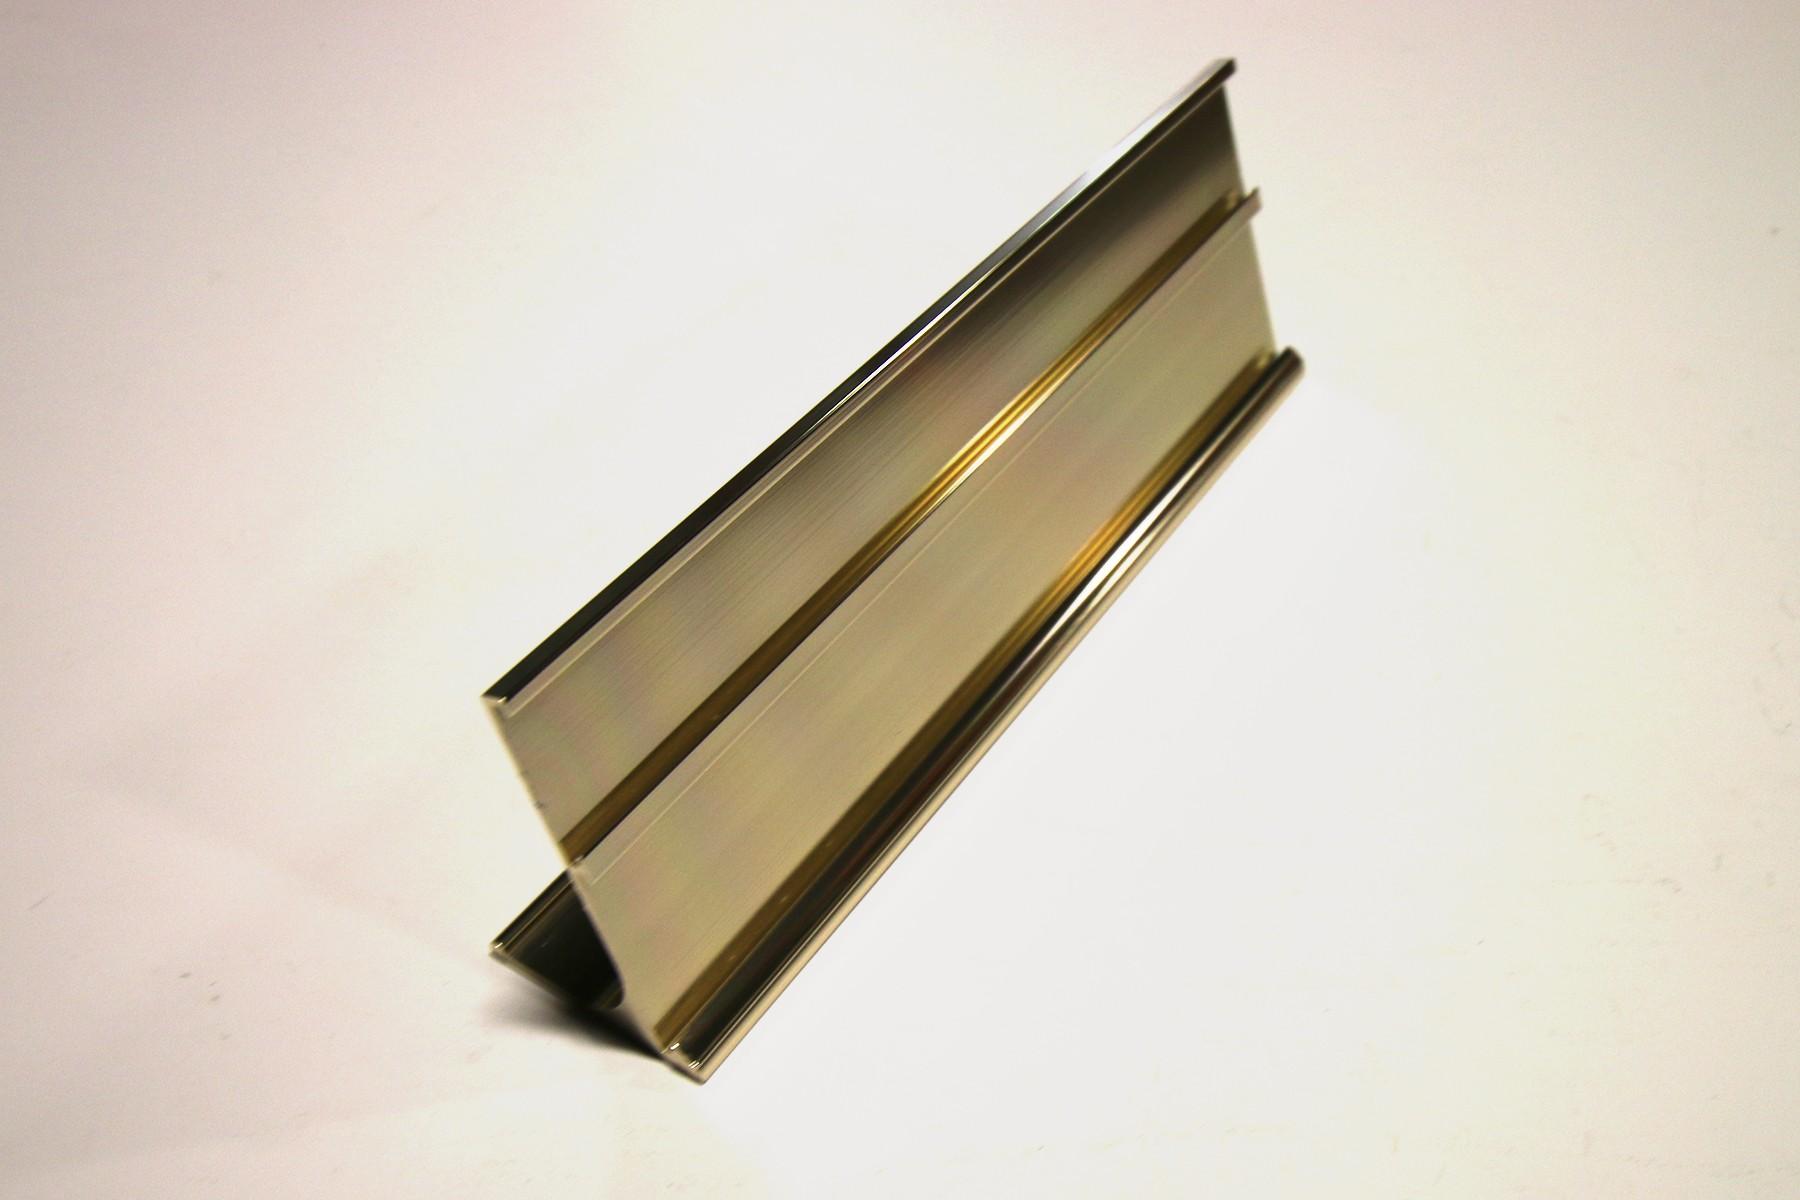 1 & 1-1/4 x 8 Multi-Desk Holder, Gold